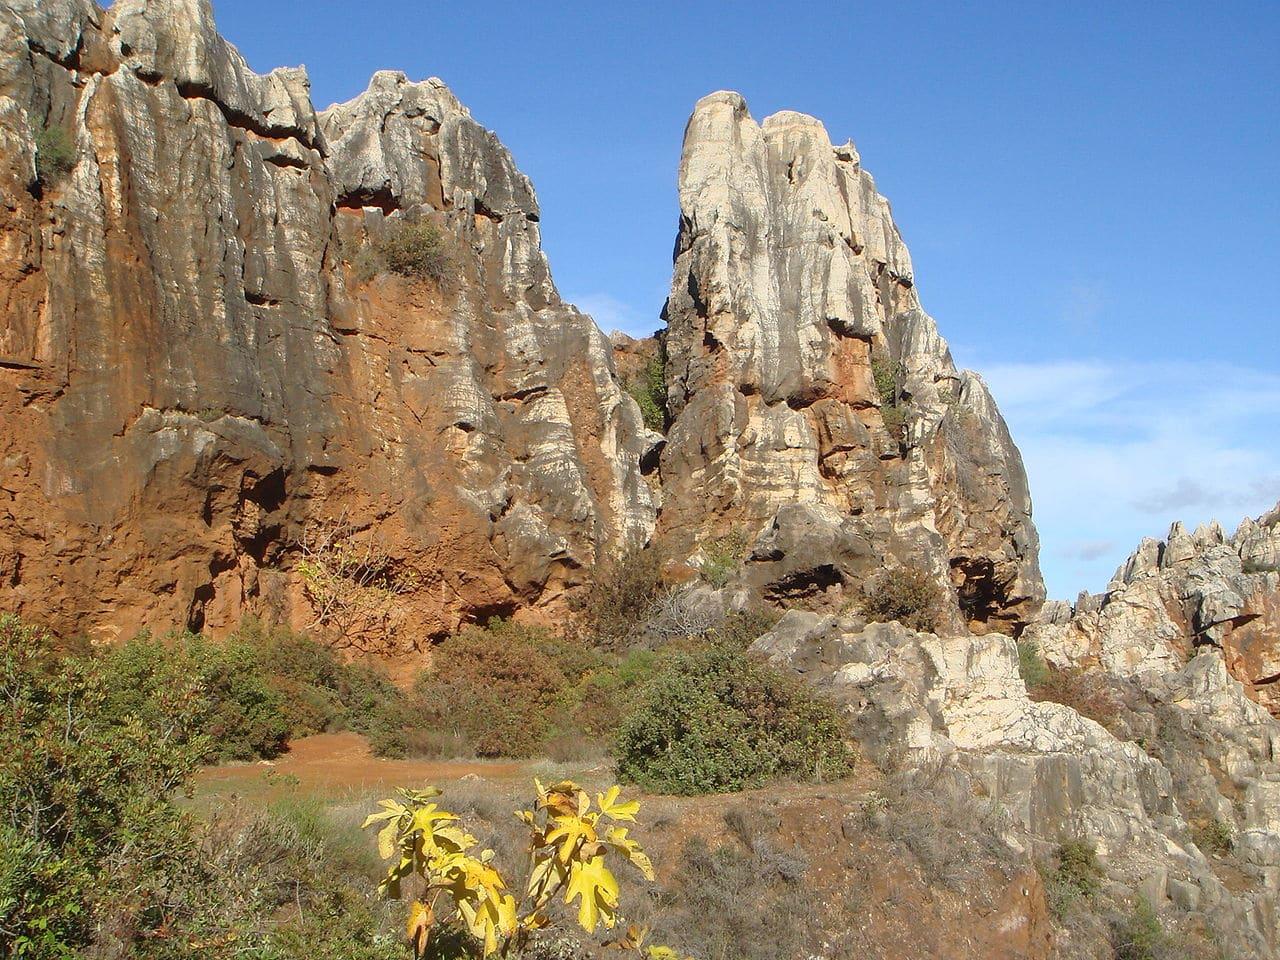 Vista del Cerro del Hierro